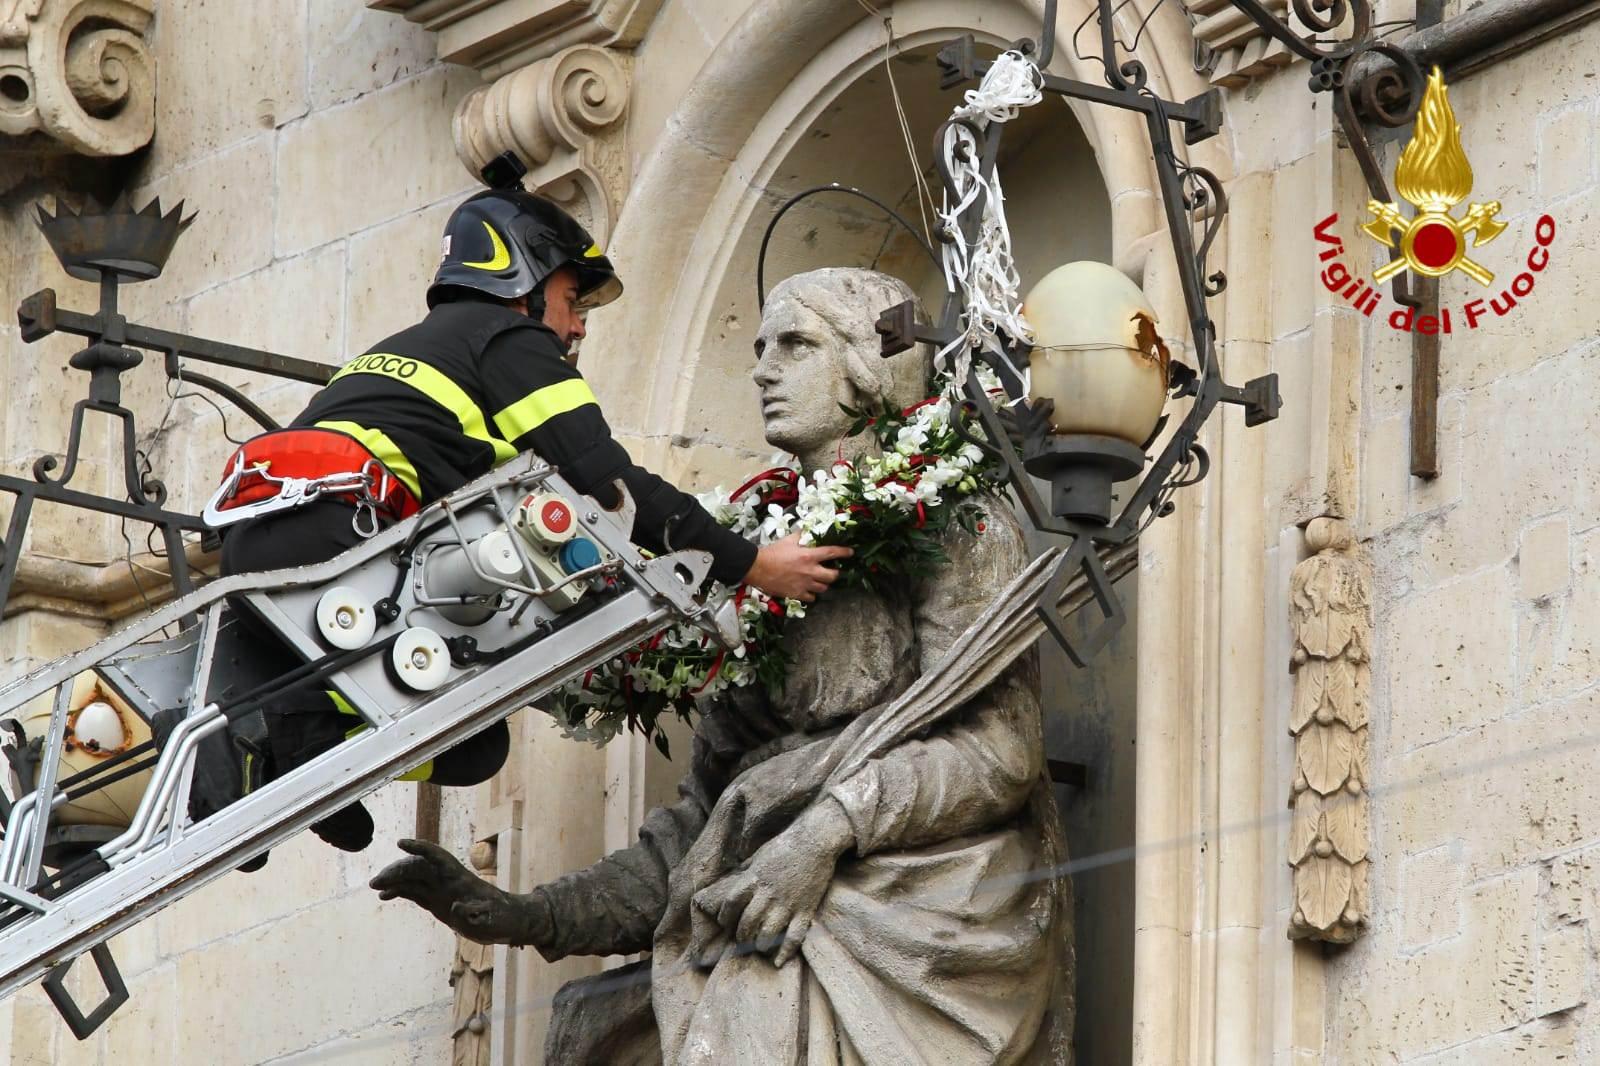 Festa di Santa Barbara a Paternò, folta e sentita presenza dei vigili del fuoco